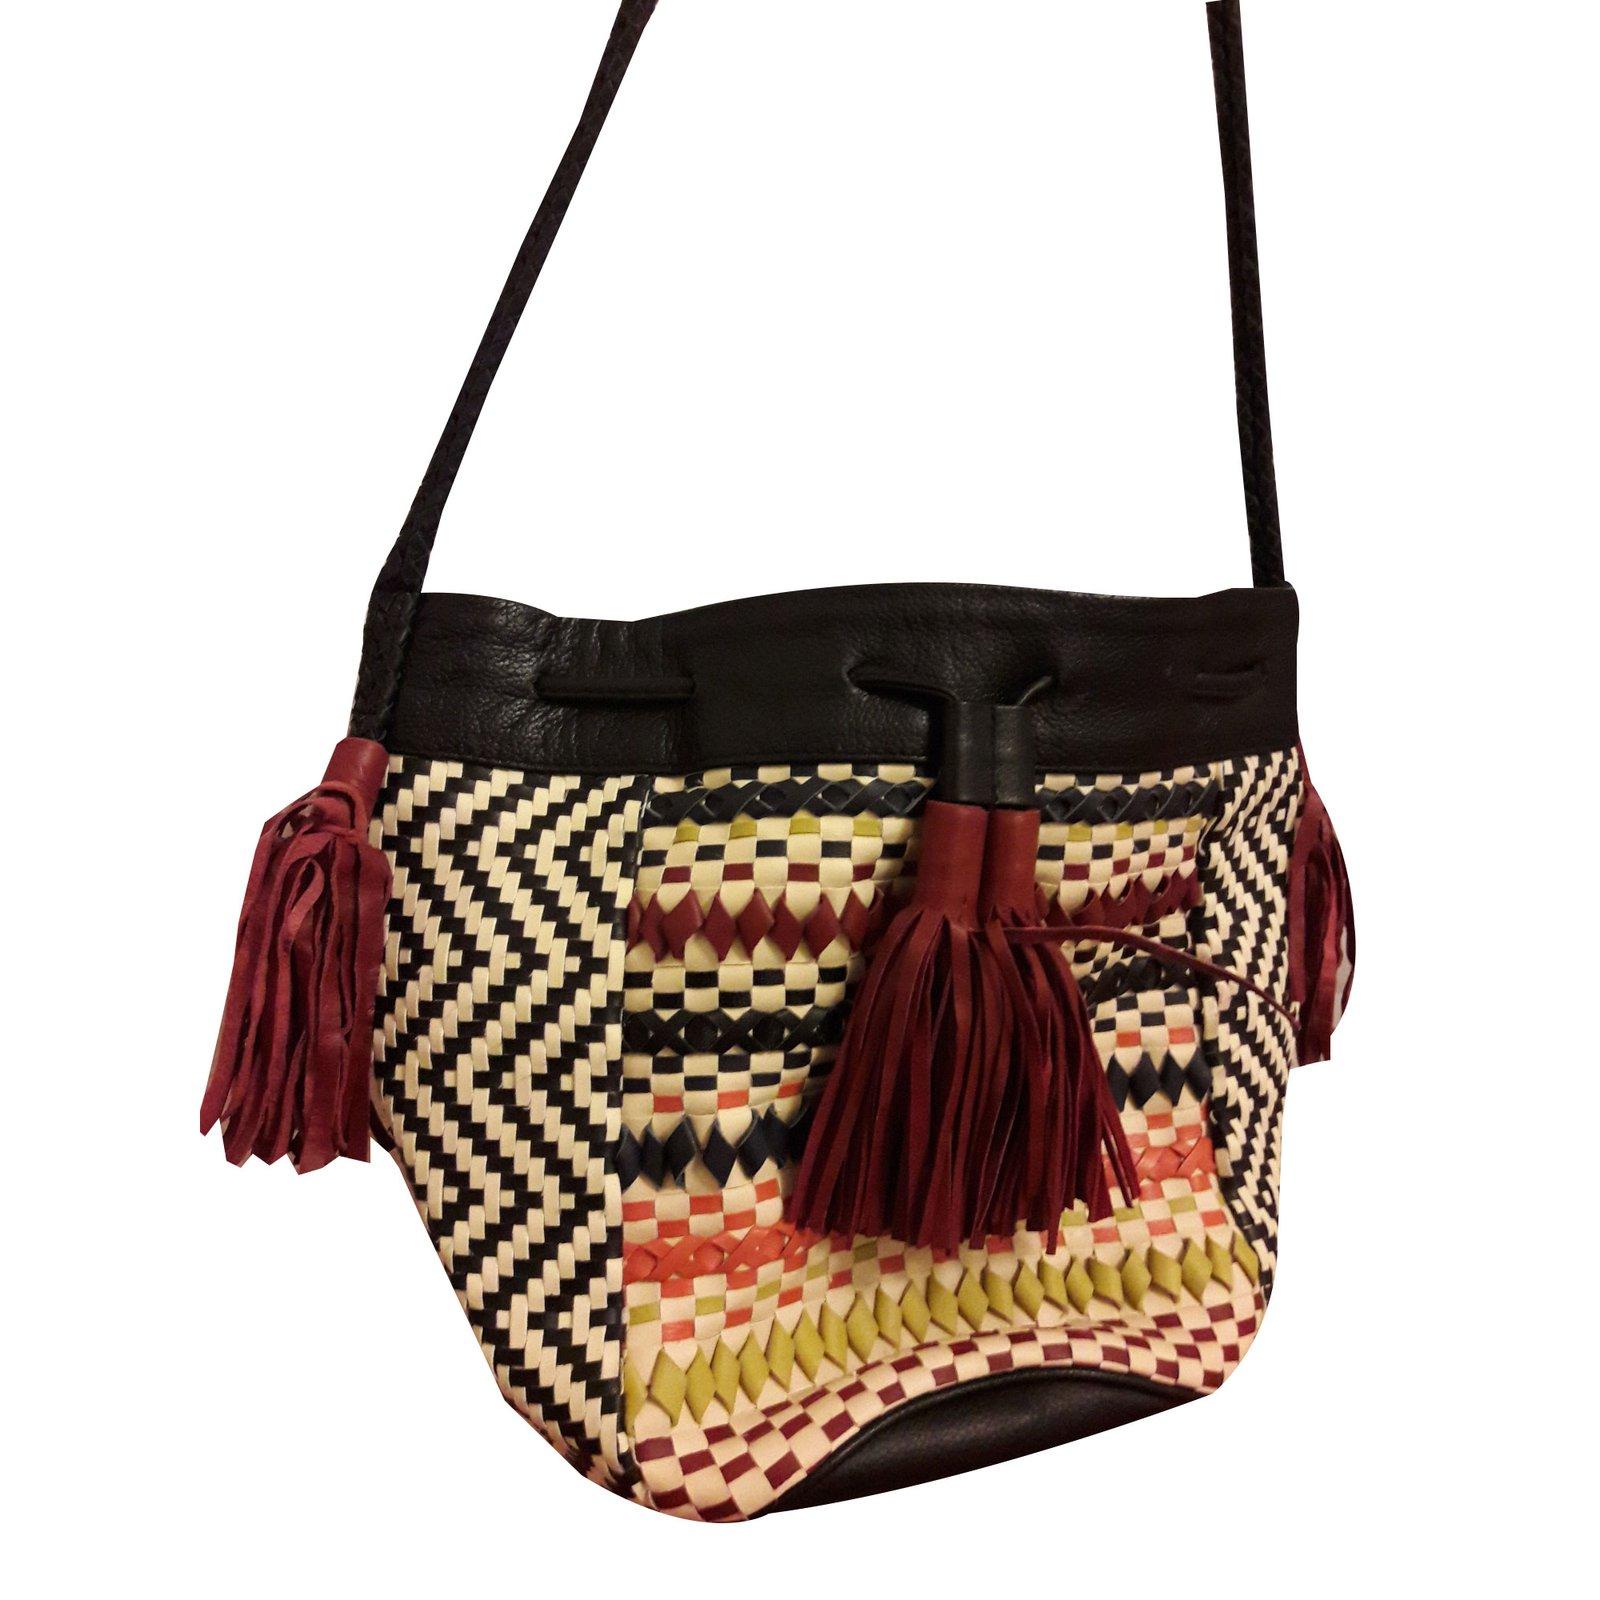 Sac A Main Antik Batik